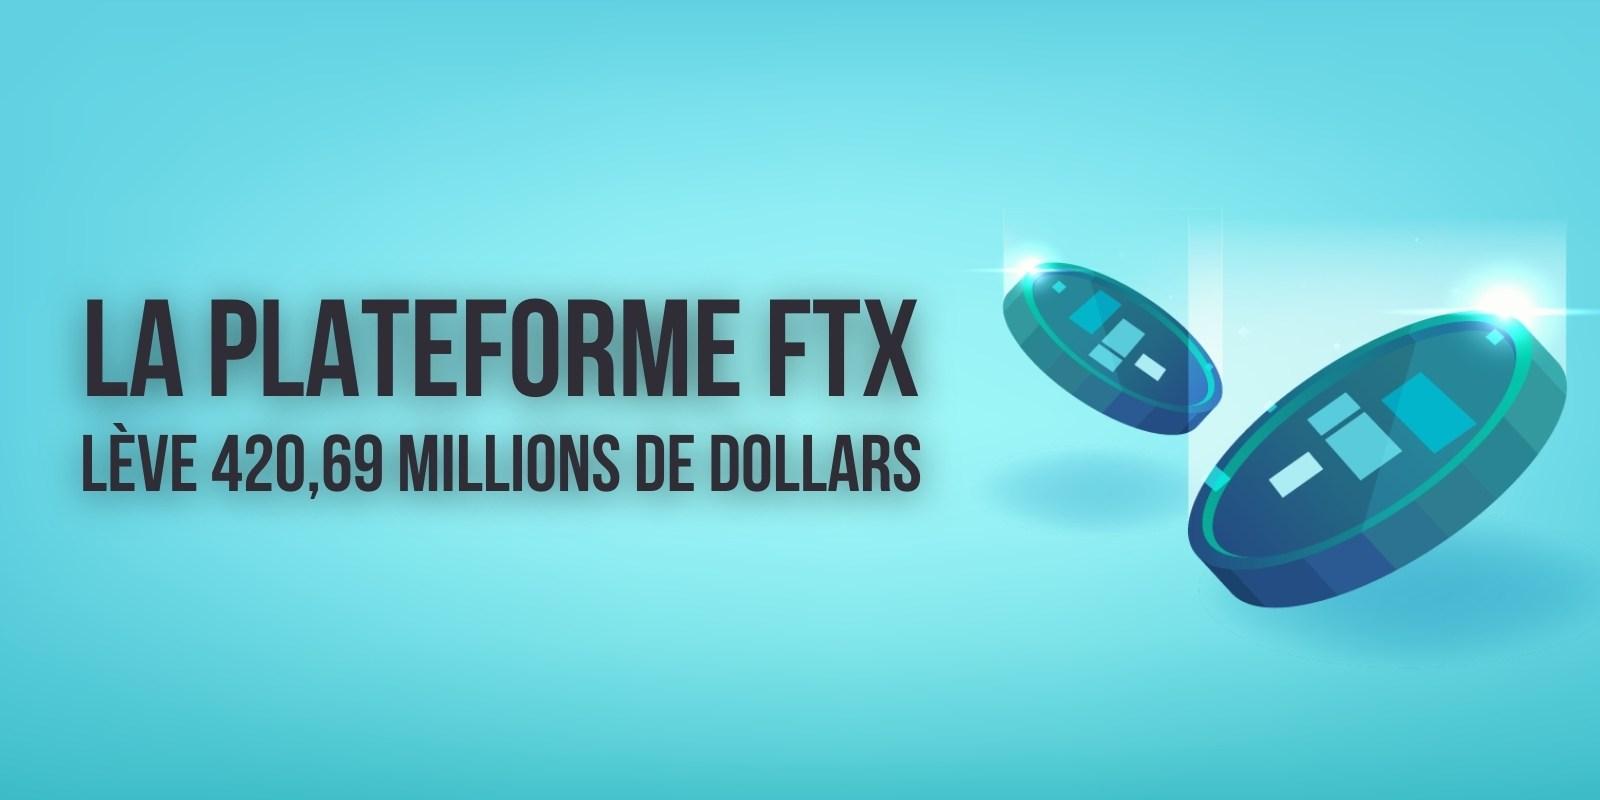 FTX lève 420,69 millions de dollars auprès de 69 investisseurs – La valorisation de l'entreprise grimpe à 25 milliards de dollars